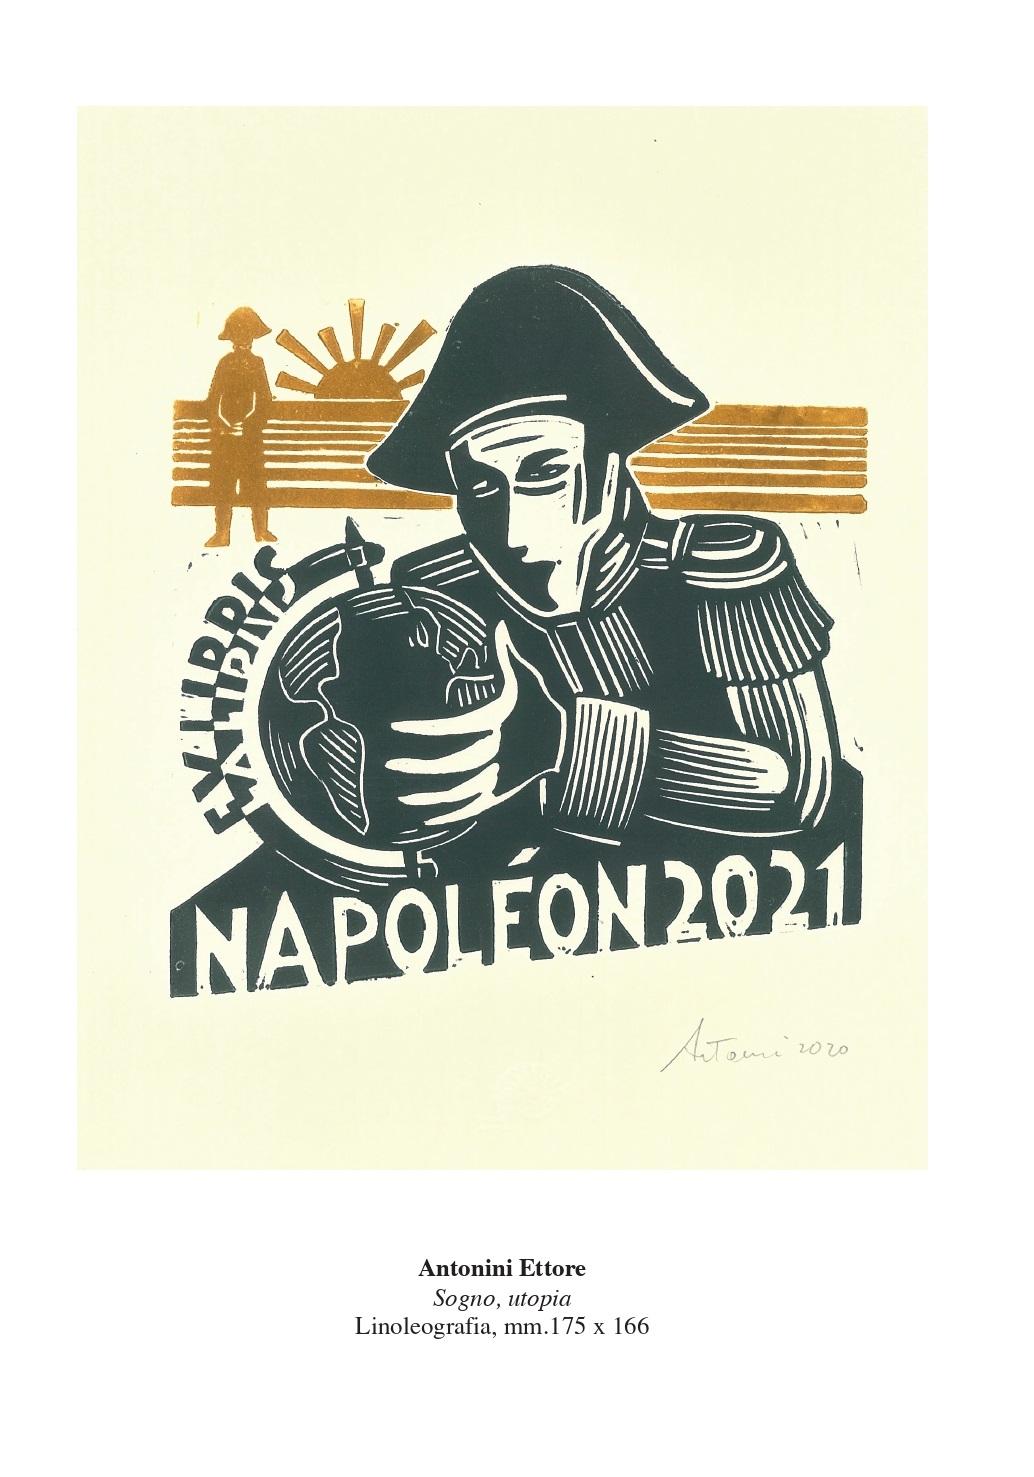 Antonini Ettore